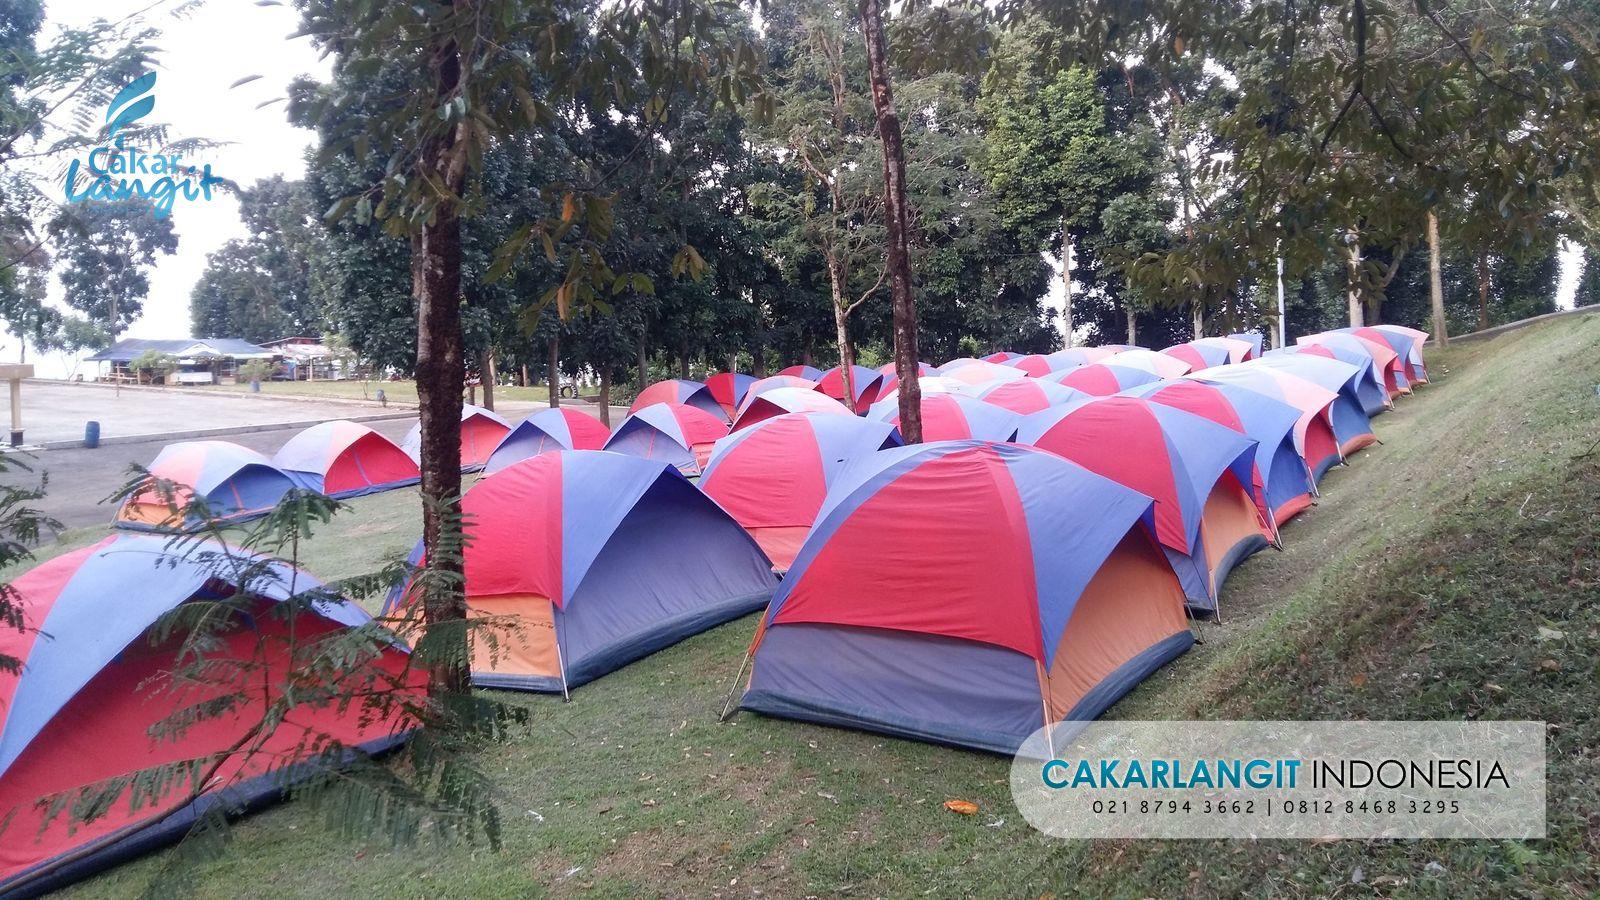 Dimana Tempat Sewa Tenda Camping Pleton Dan Perlengkapan Kemping Dekat Cilangkap Kota Depok02198943662